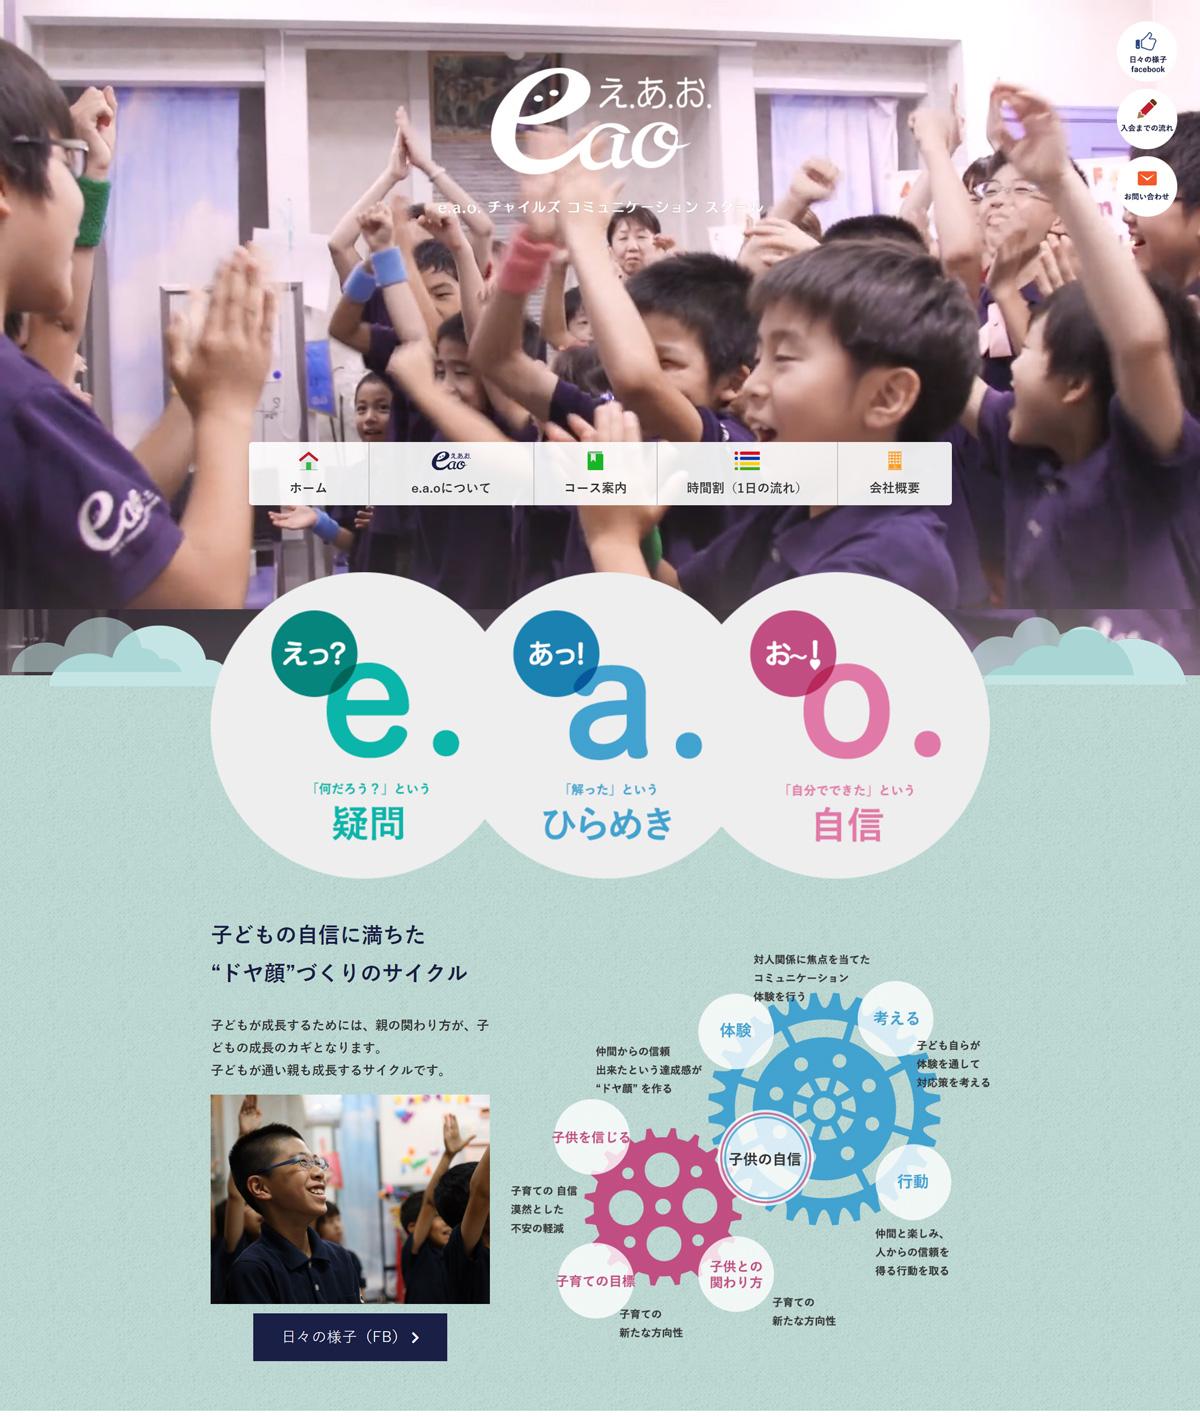 チャイルズコミュニケーションズWEBデザイン